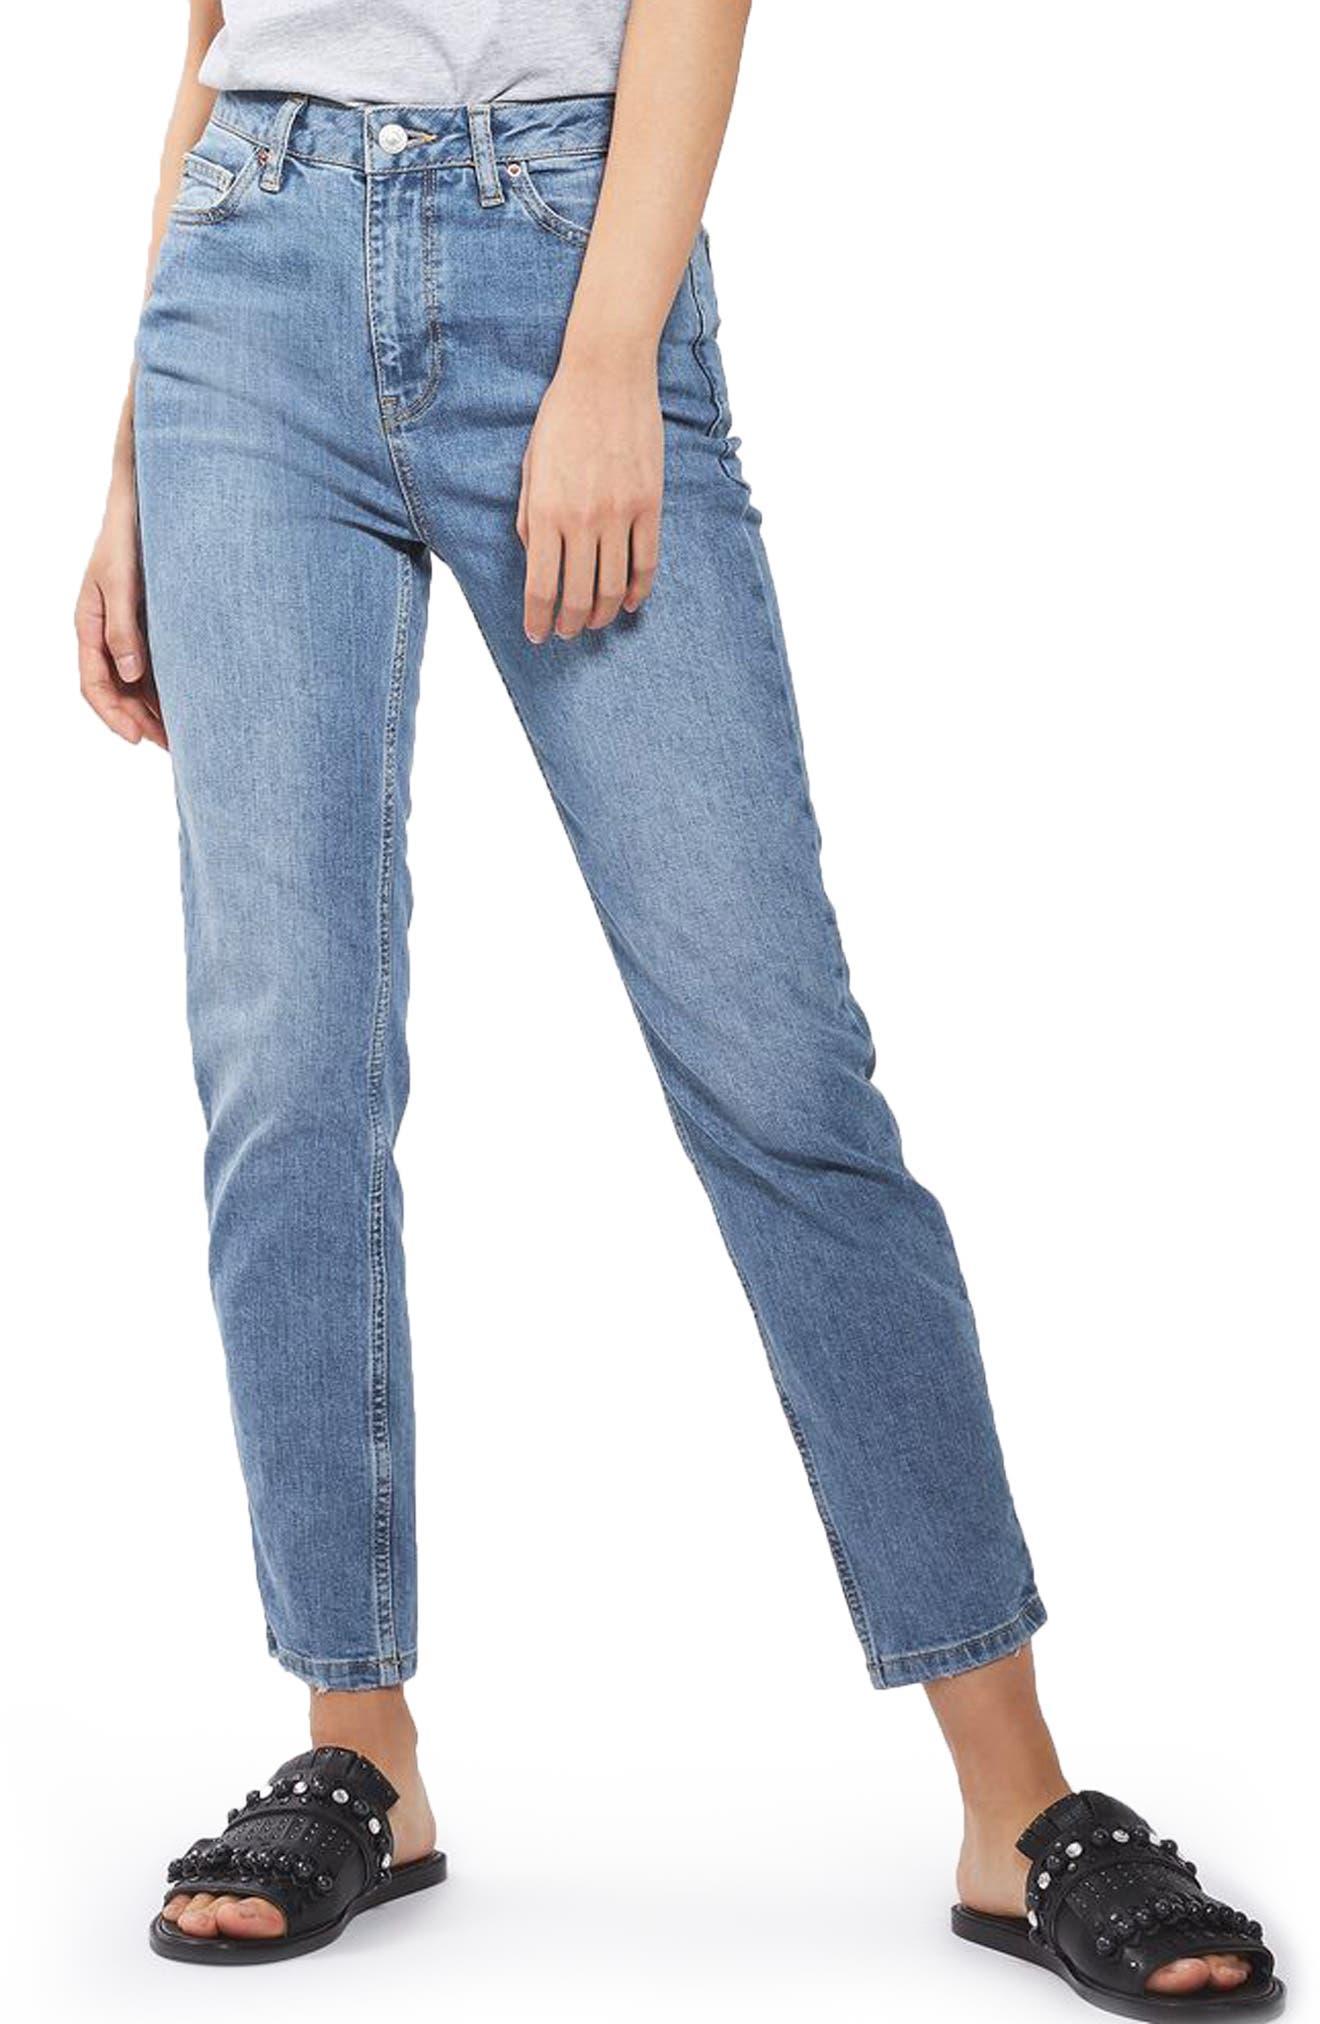 Orson Slim Fit Jeans,                             Main thumbnail 1, color,                             400